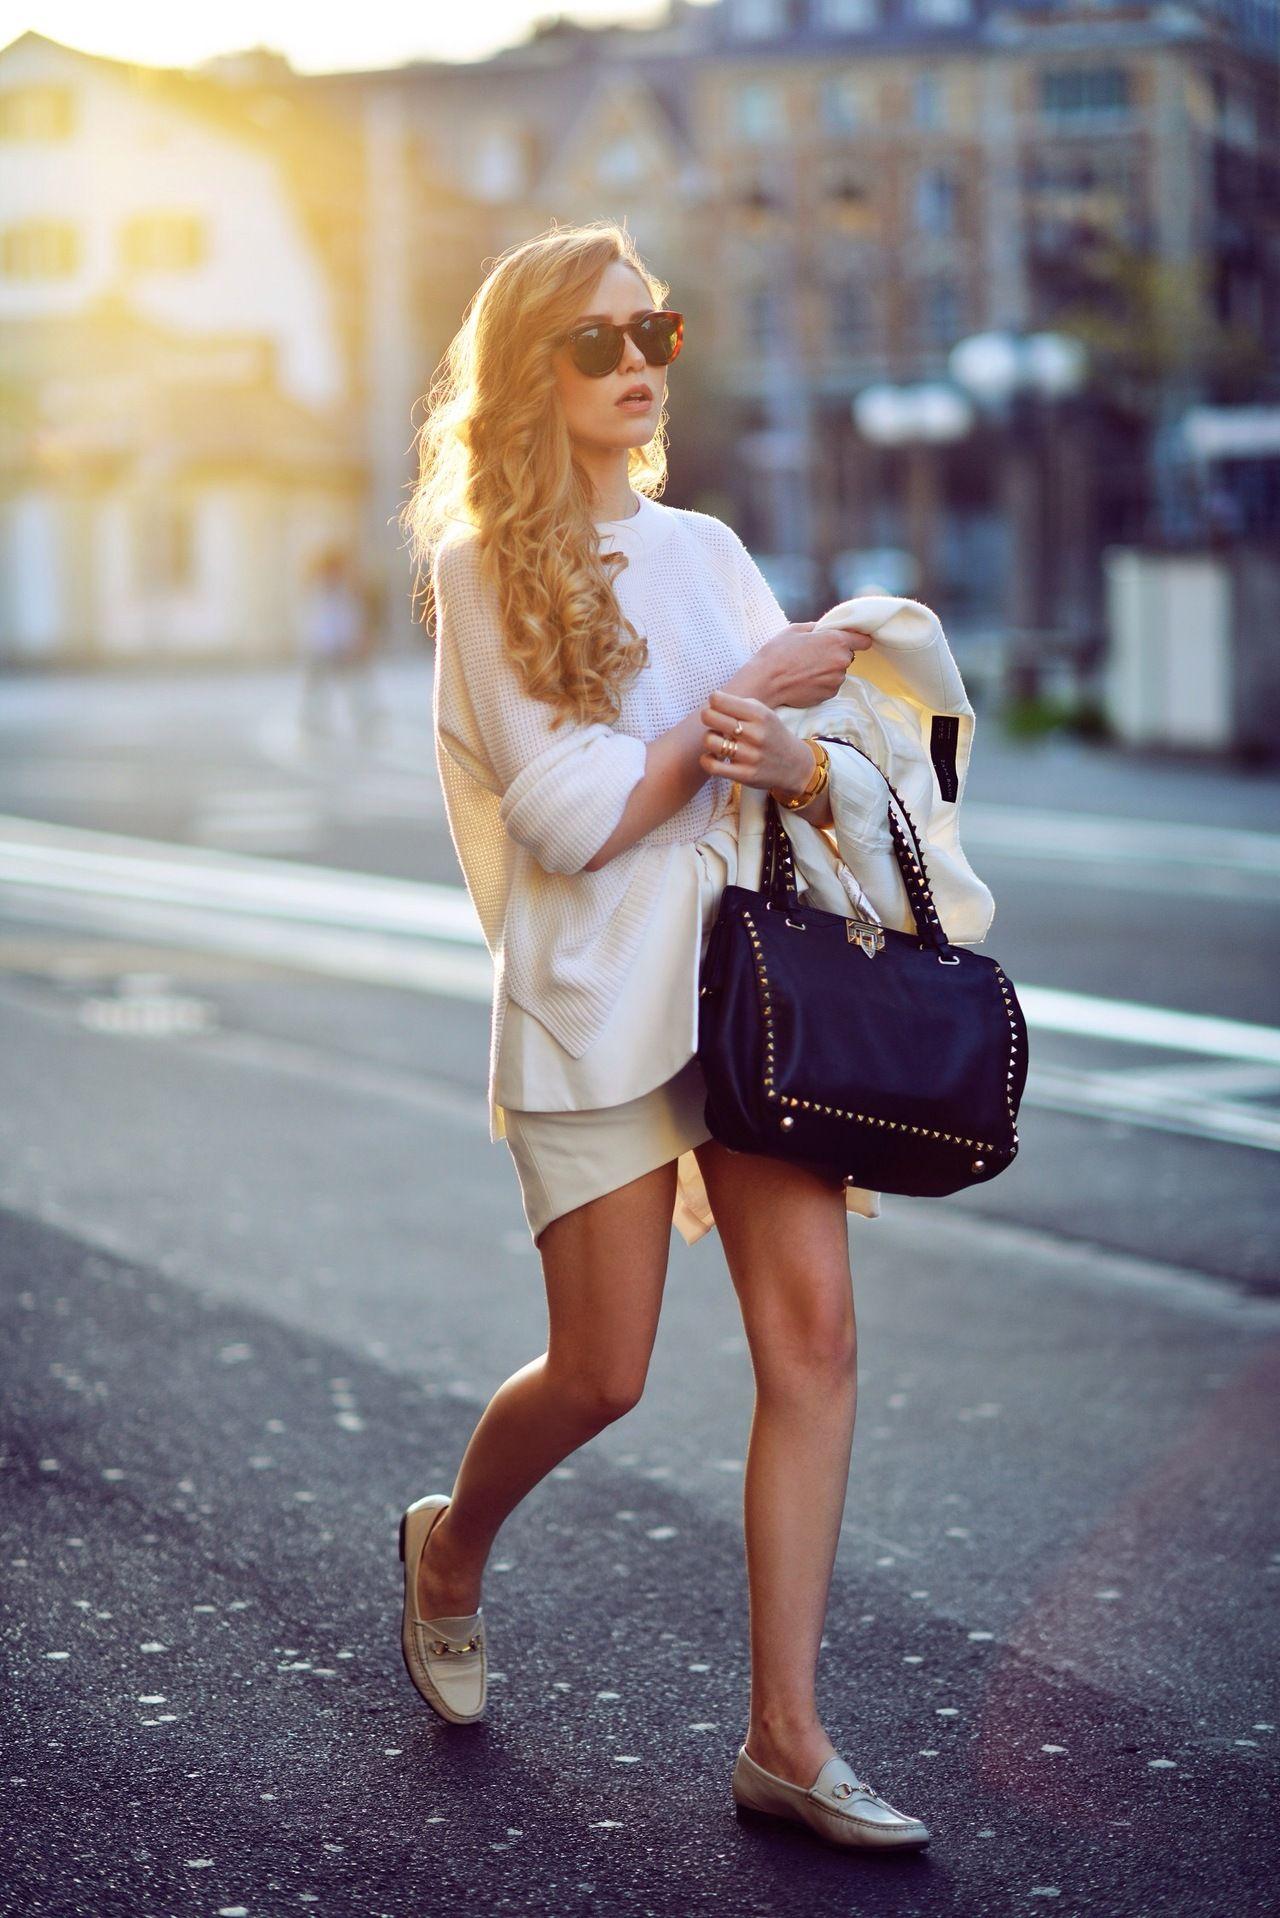 """Para mulheres e homens, o mocassim será o calçado hit da temporada de verão. Confortáveis, ganharam detalhes modernos, como cores fortes, para cair no gosto de quem tem estilo e """"segura o look"""". Aposta certeira."""